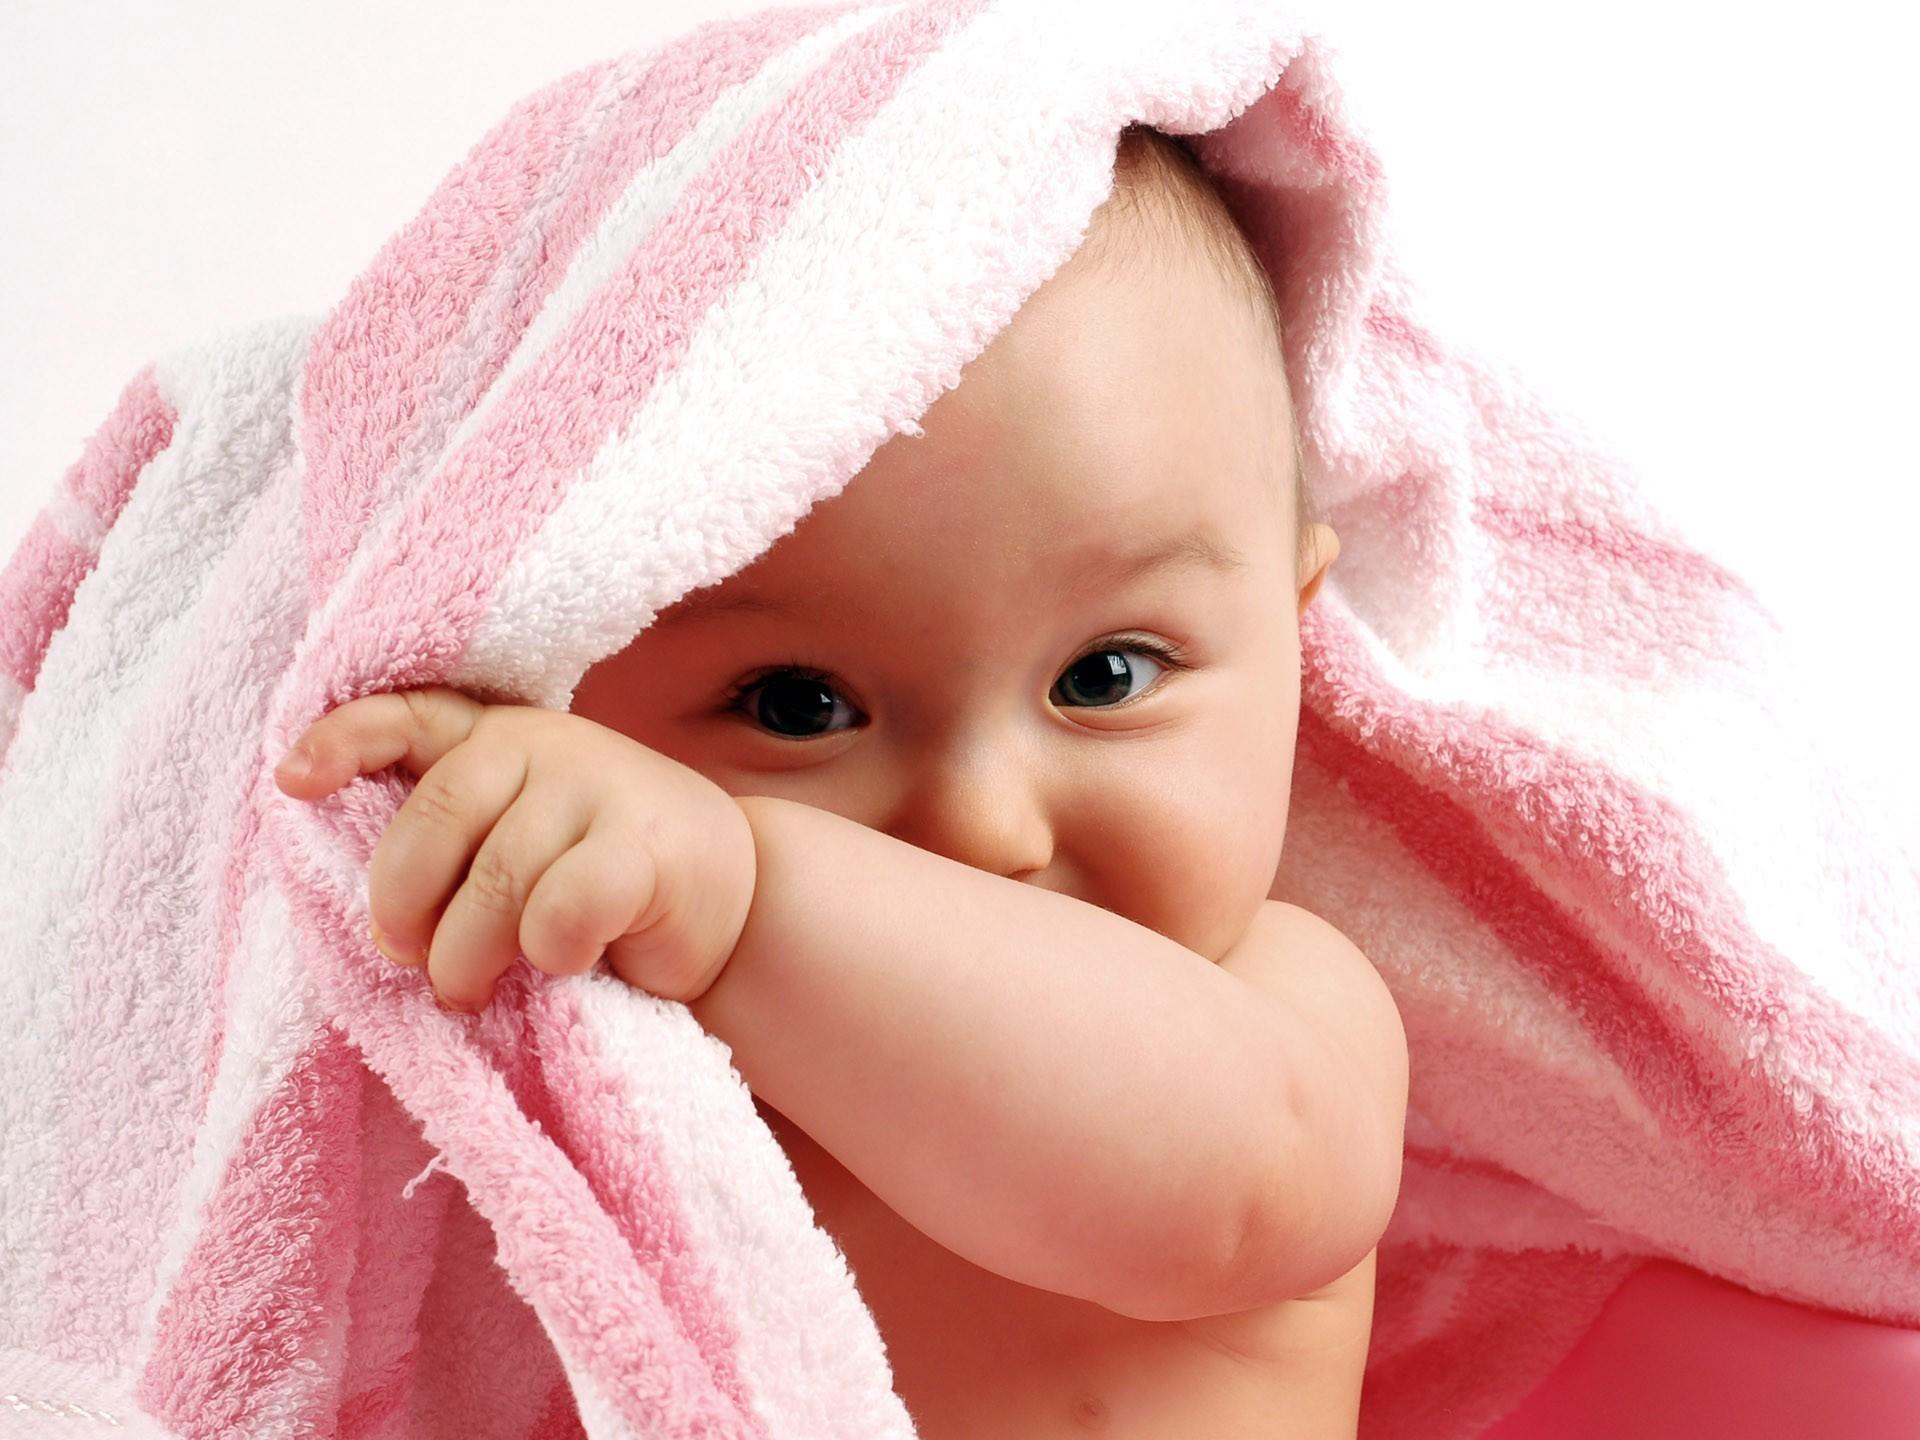 Baby Wallpapers Free Baby Desktop Wallpaper Desktop Backgrounds HD